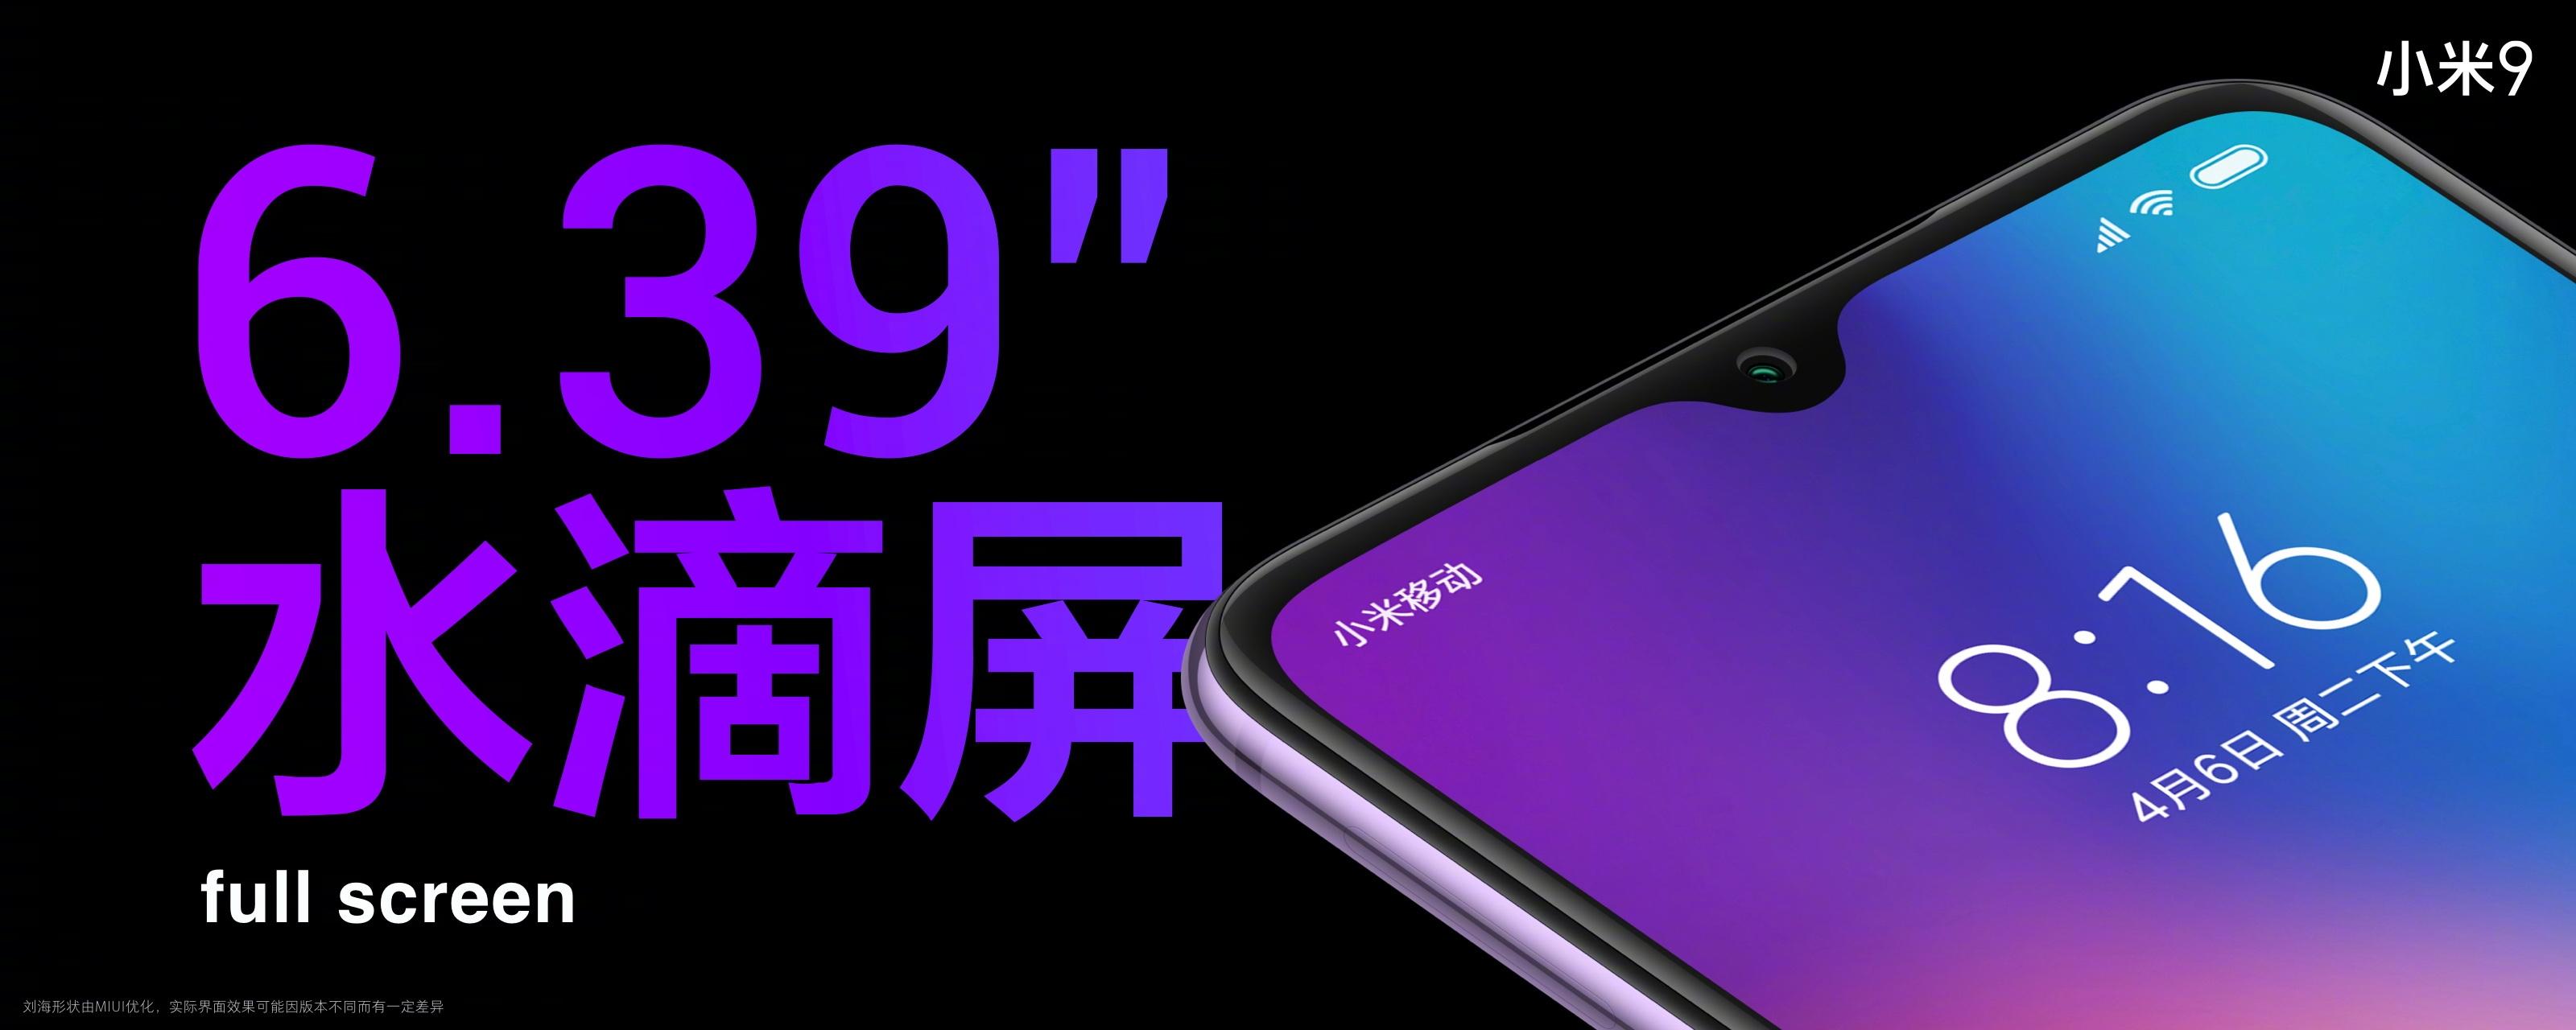 小米9正式发布:全息幻彩色美轮美奂 售价2999元起